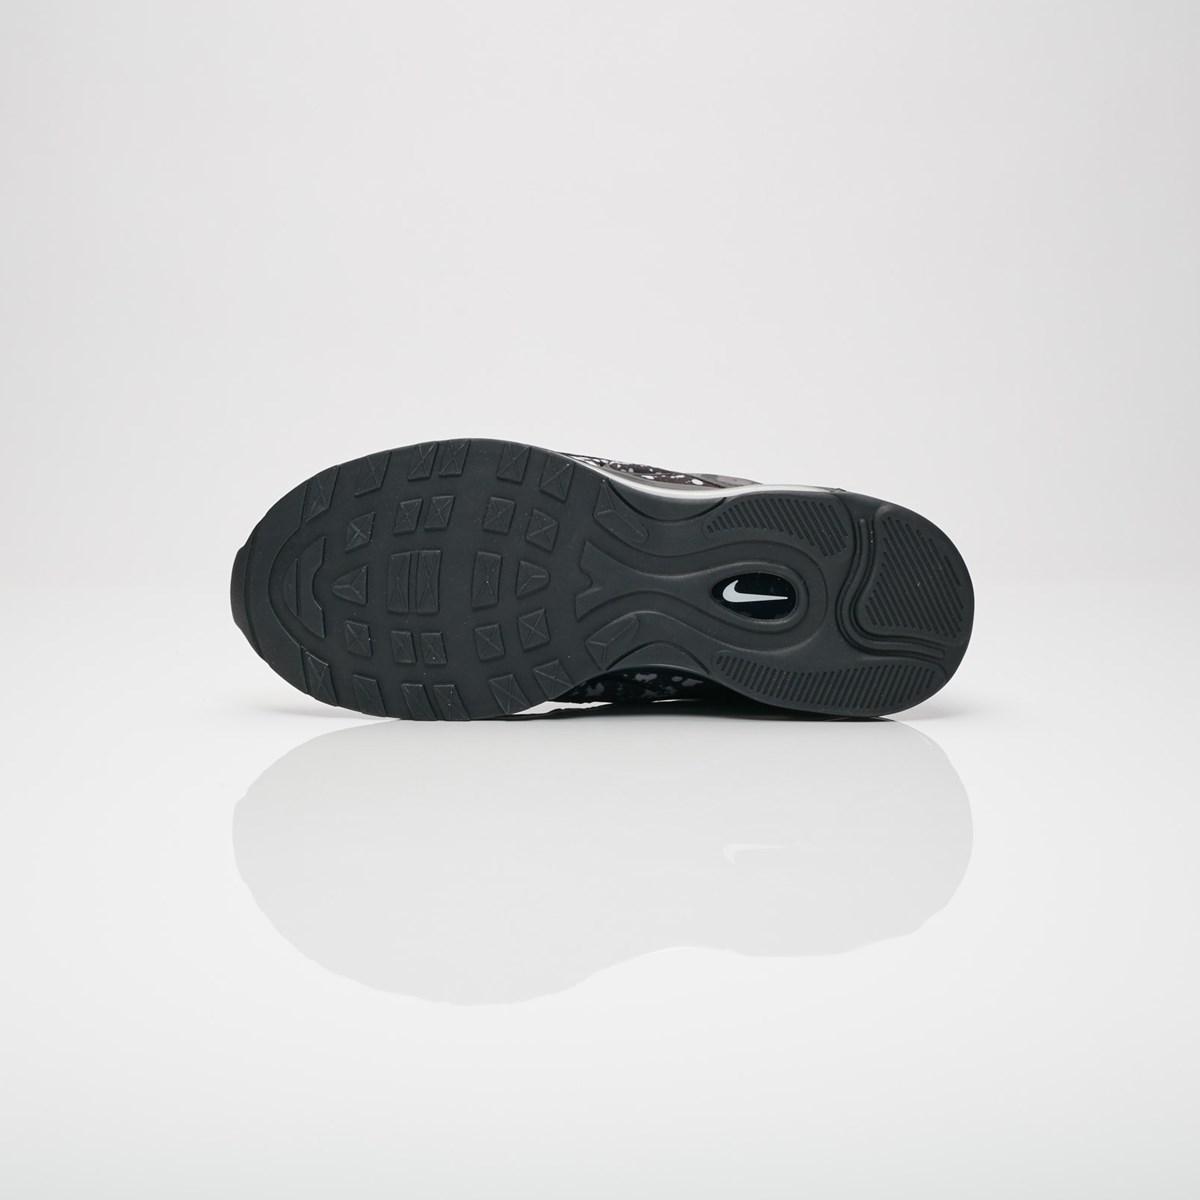 edd49b0d1768 Nike Wmns Air Max 97 UL 17 PRM - Ao2325-002 - Sneakersnstuff ...